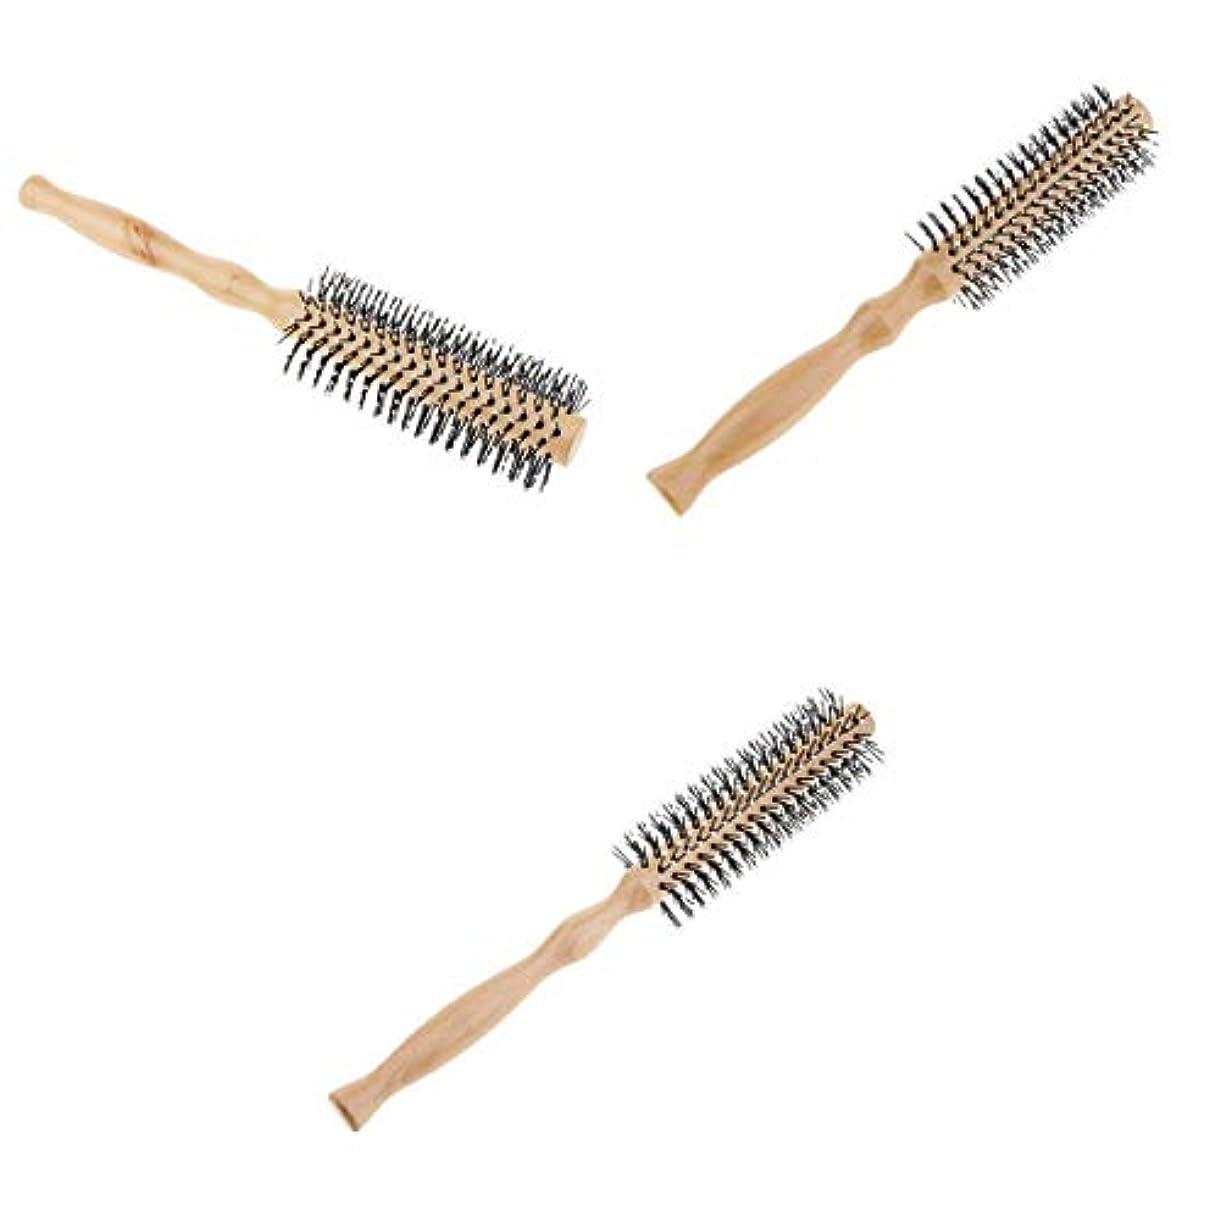 深くこしょうスティーブンソンT TOOYFUL ロールブラシ ヘアブラシ 木製櫛 スタイリングブラシ 巻き髪 静電気防止 3本セット